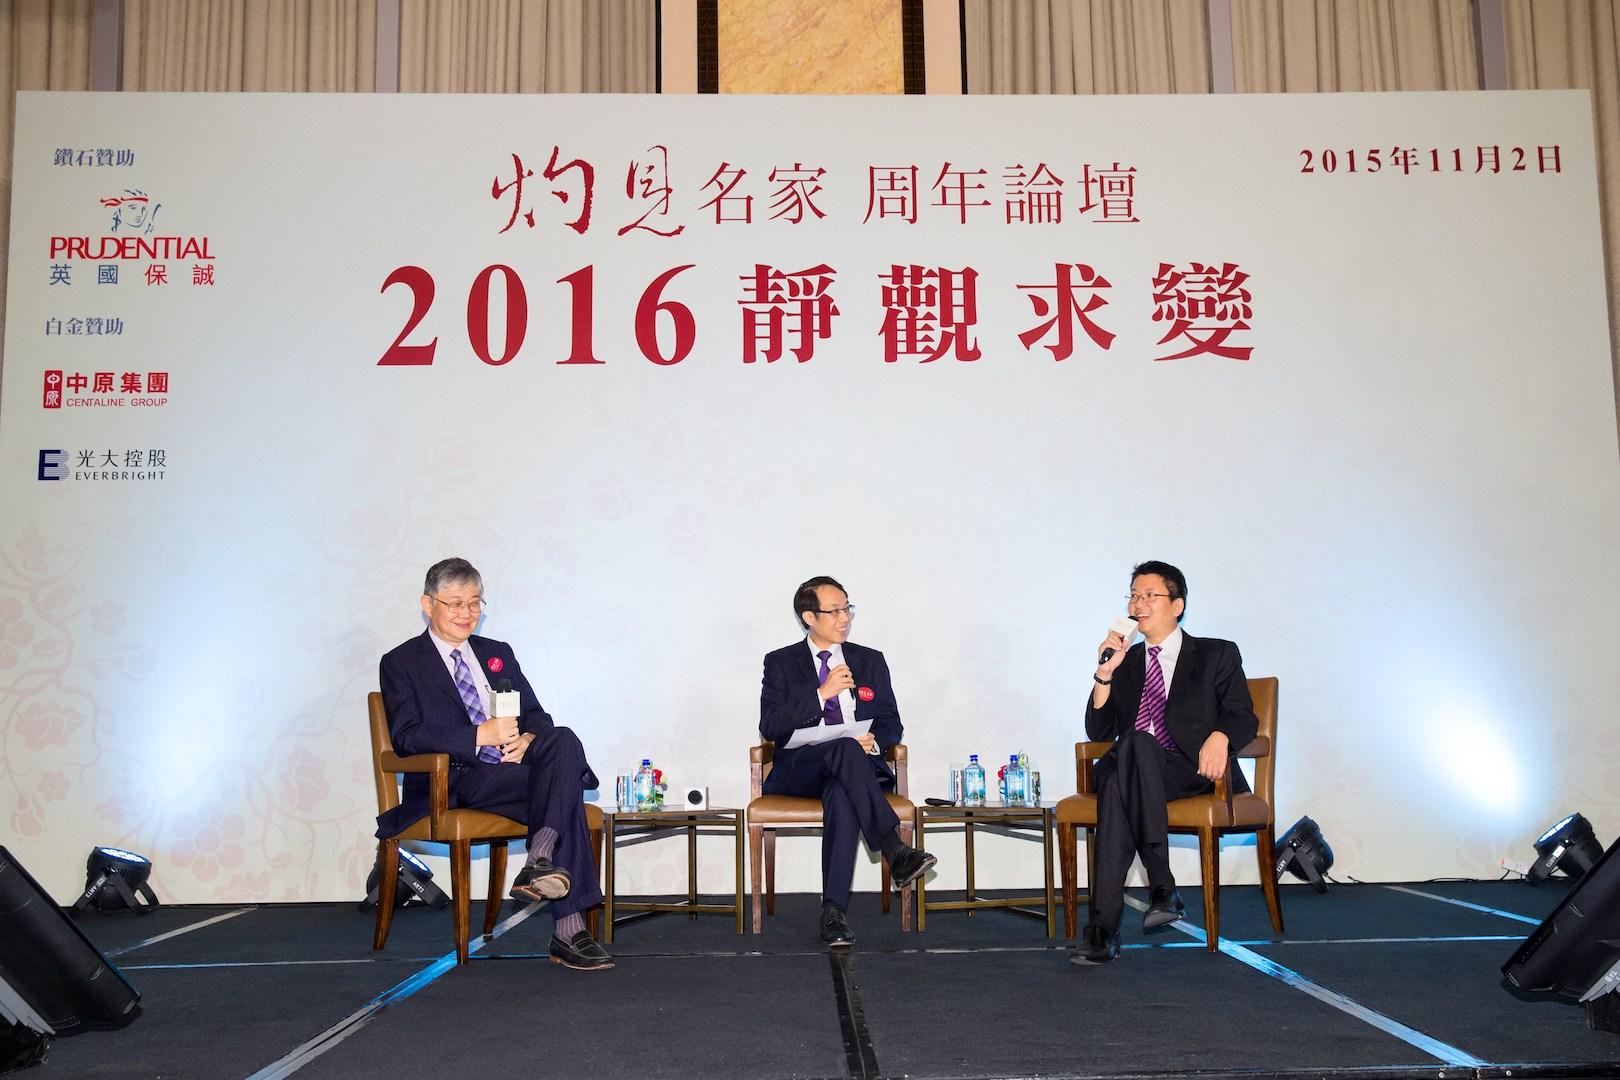 施永青(左)及莊太量(右)展望2016年環球投資前景。陳鳳翔(中)主持。